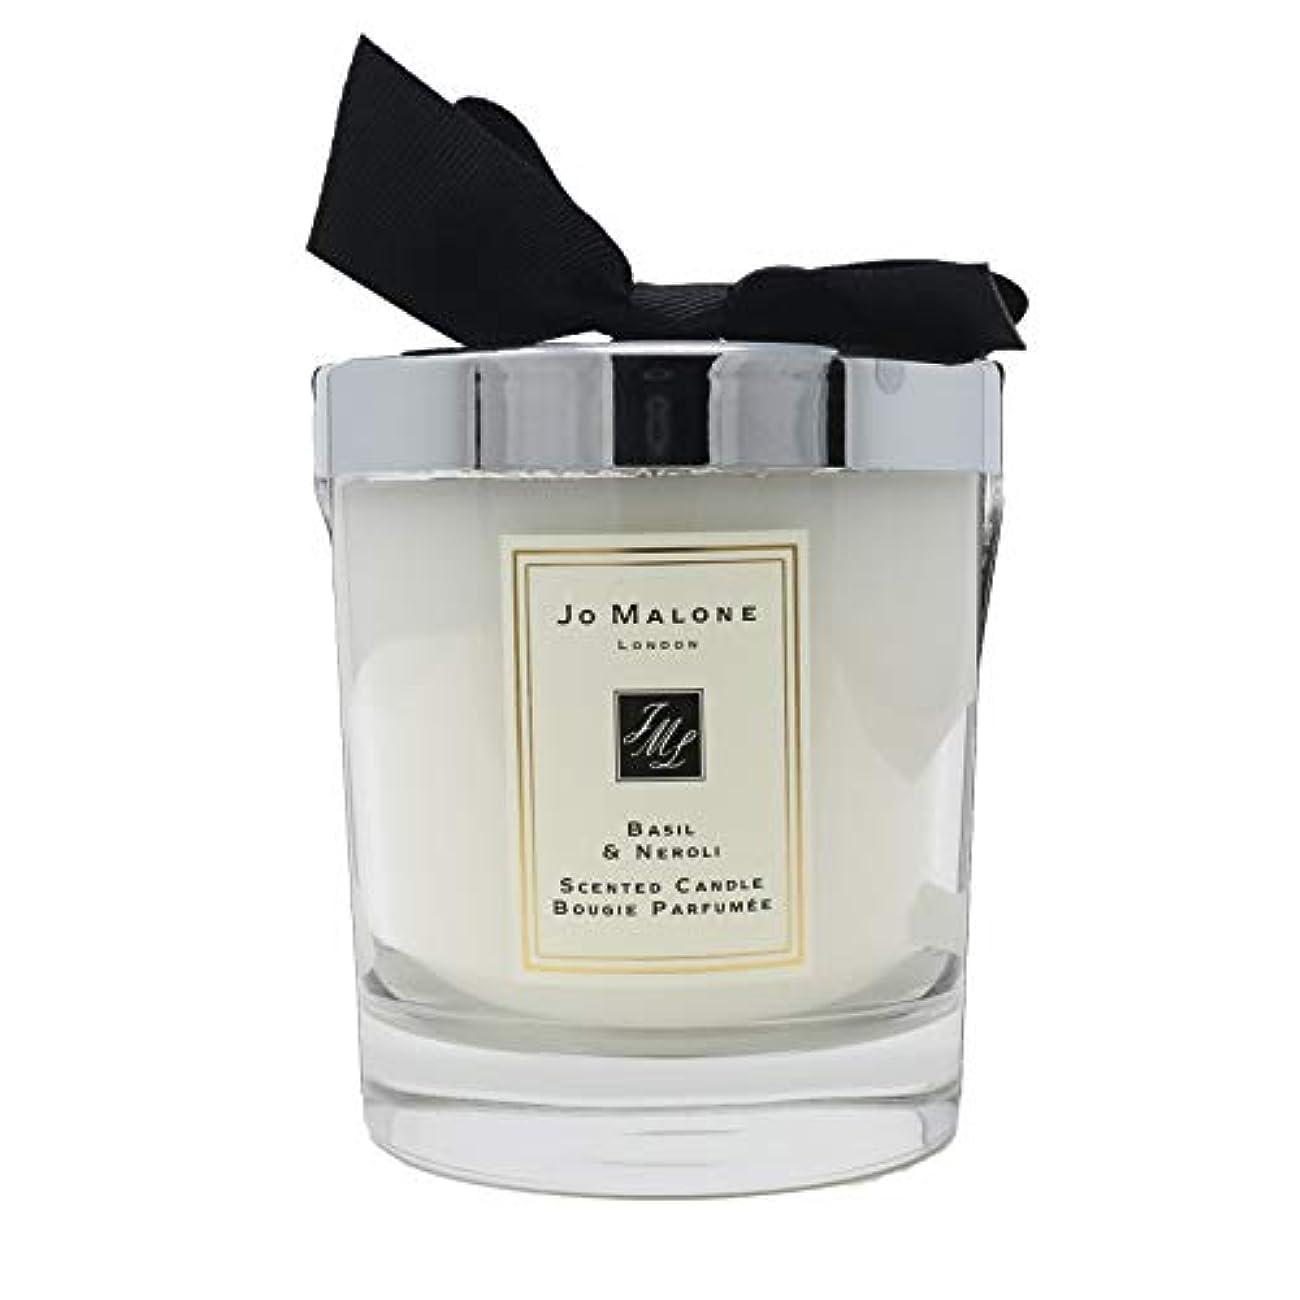 ストロークハグとらえどころのないJo Malone Basil &ネロリScented Candle 200 g ( 2.5インチ)